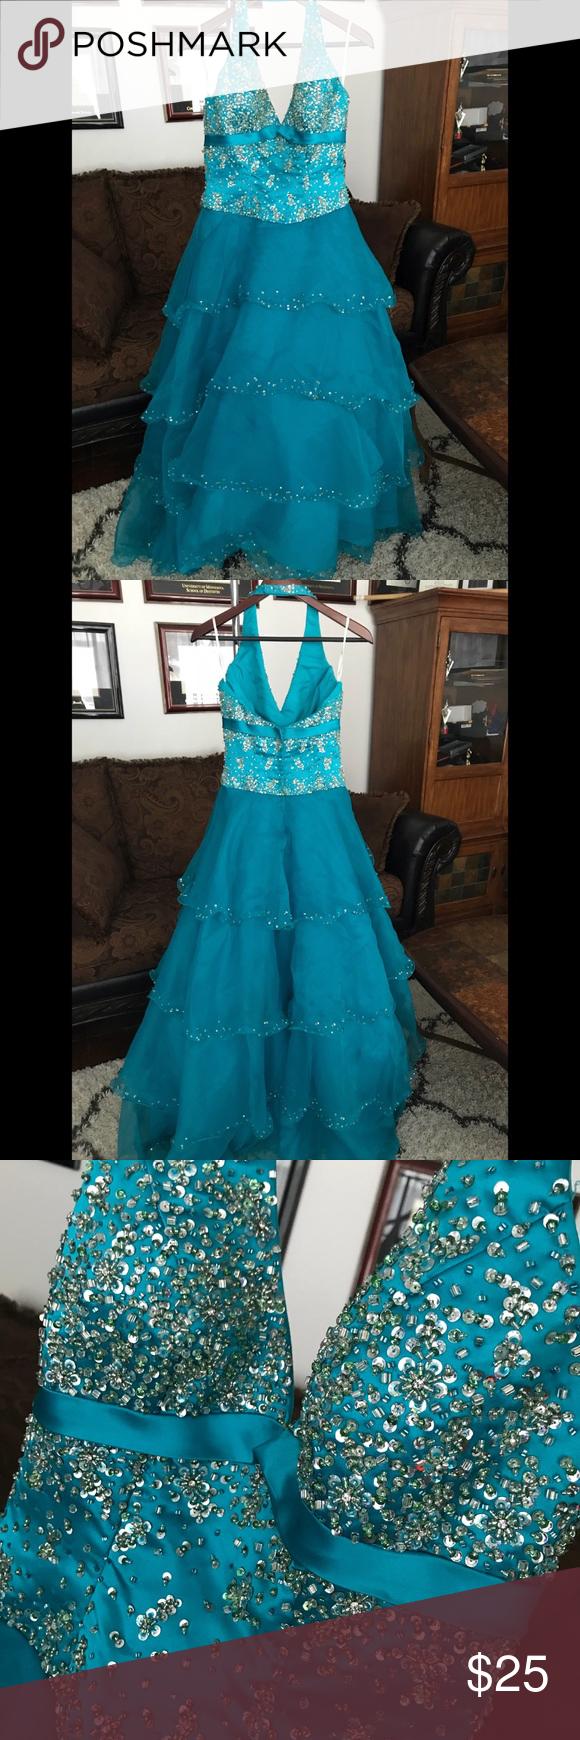 Turquoise Prom dress | Turquoise prom dresses, Prom and Tiffany